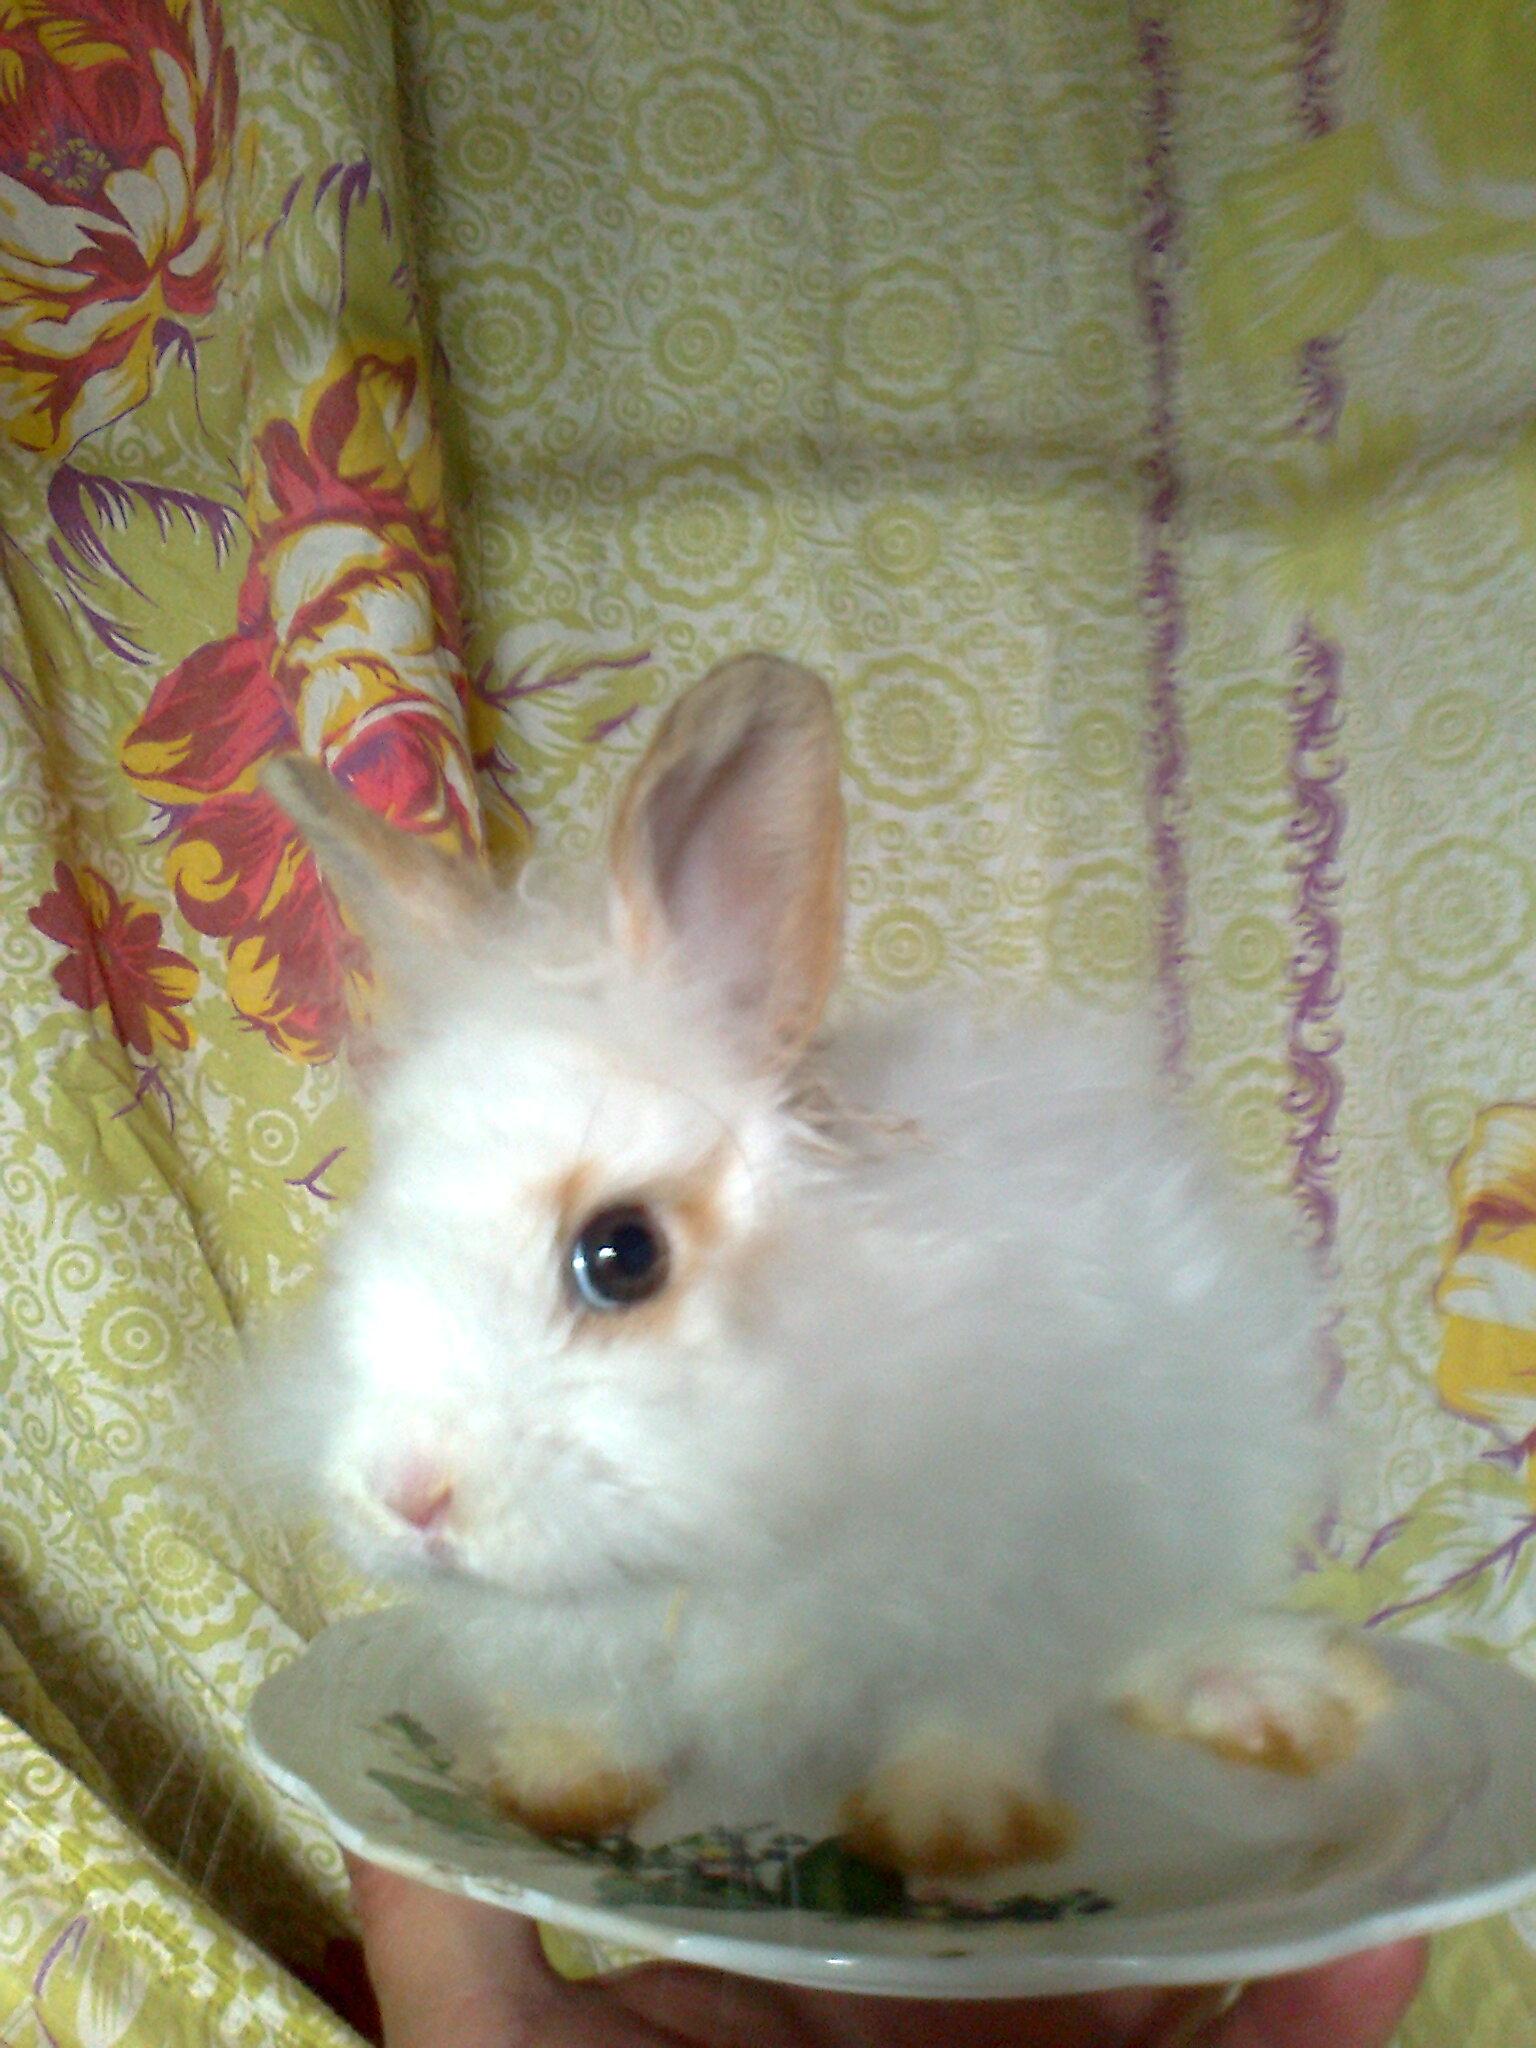 a dwarf rabbit. shipping. Arnie